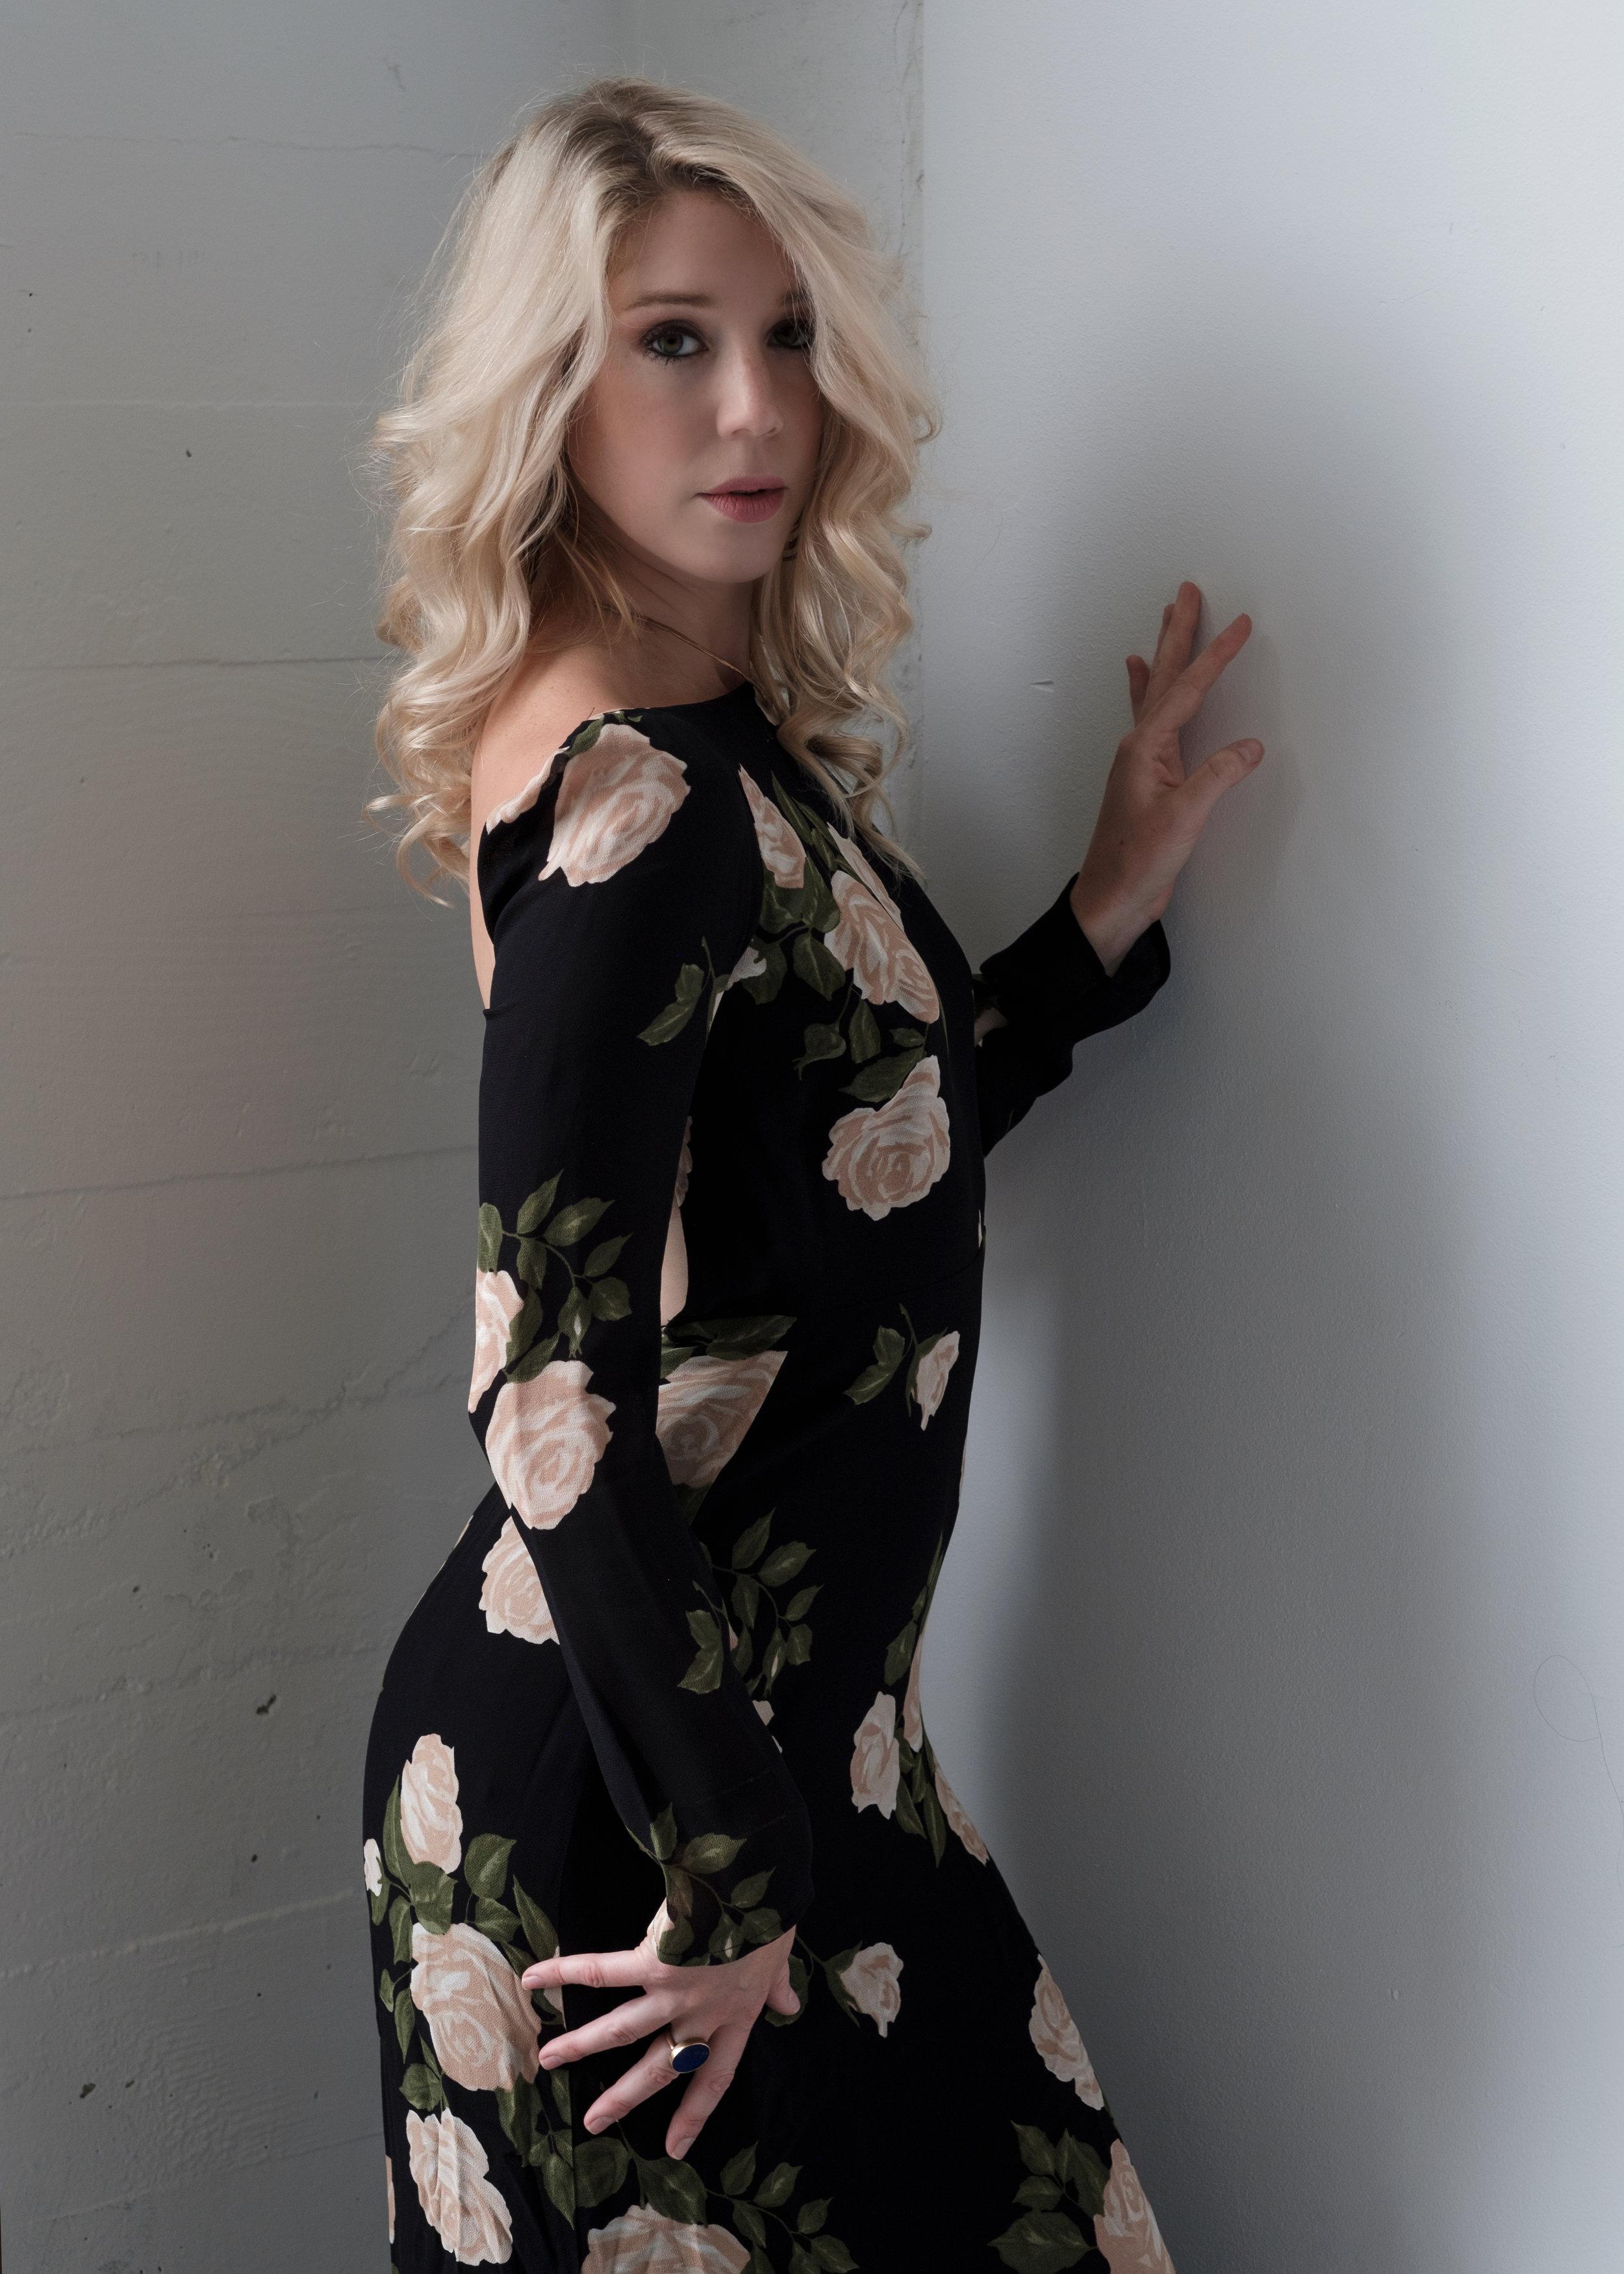 Courtney-Fortune-21.jpg